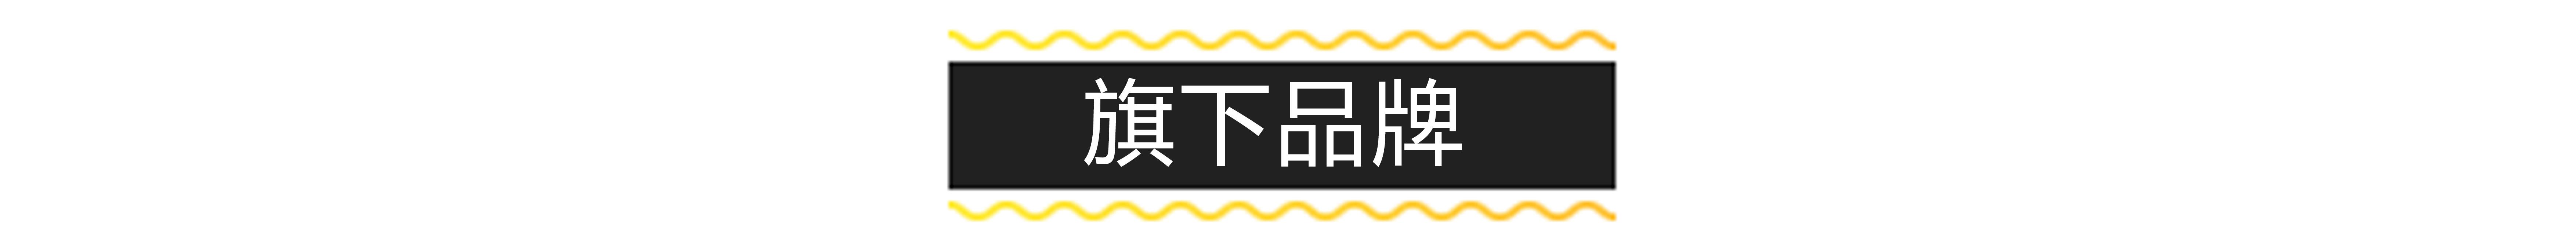 旗下品牌.jpg